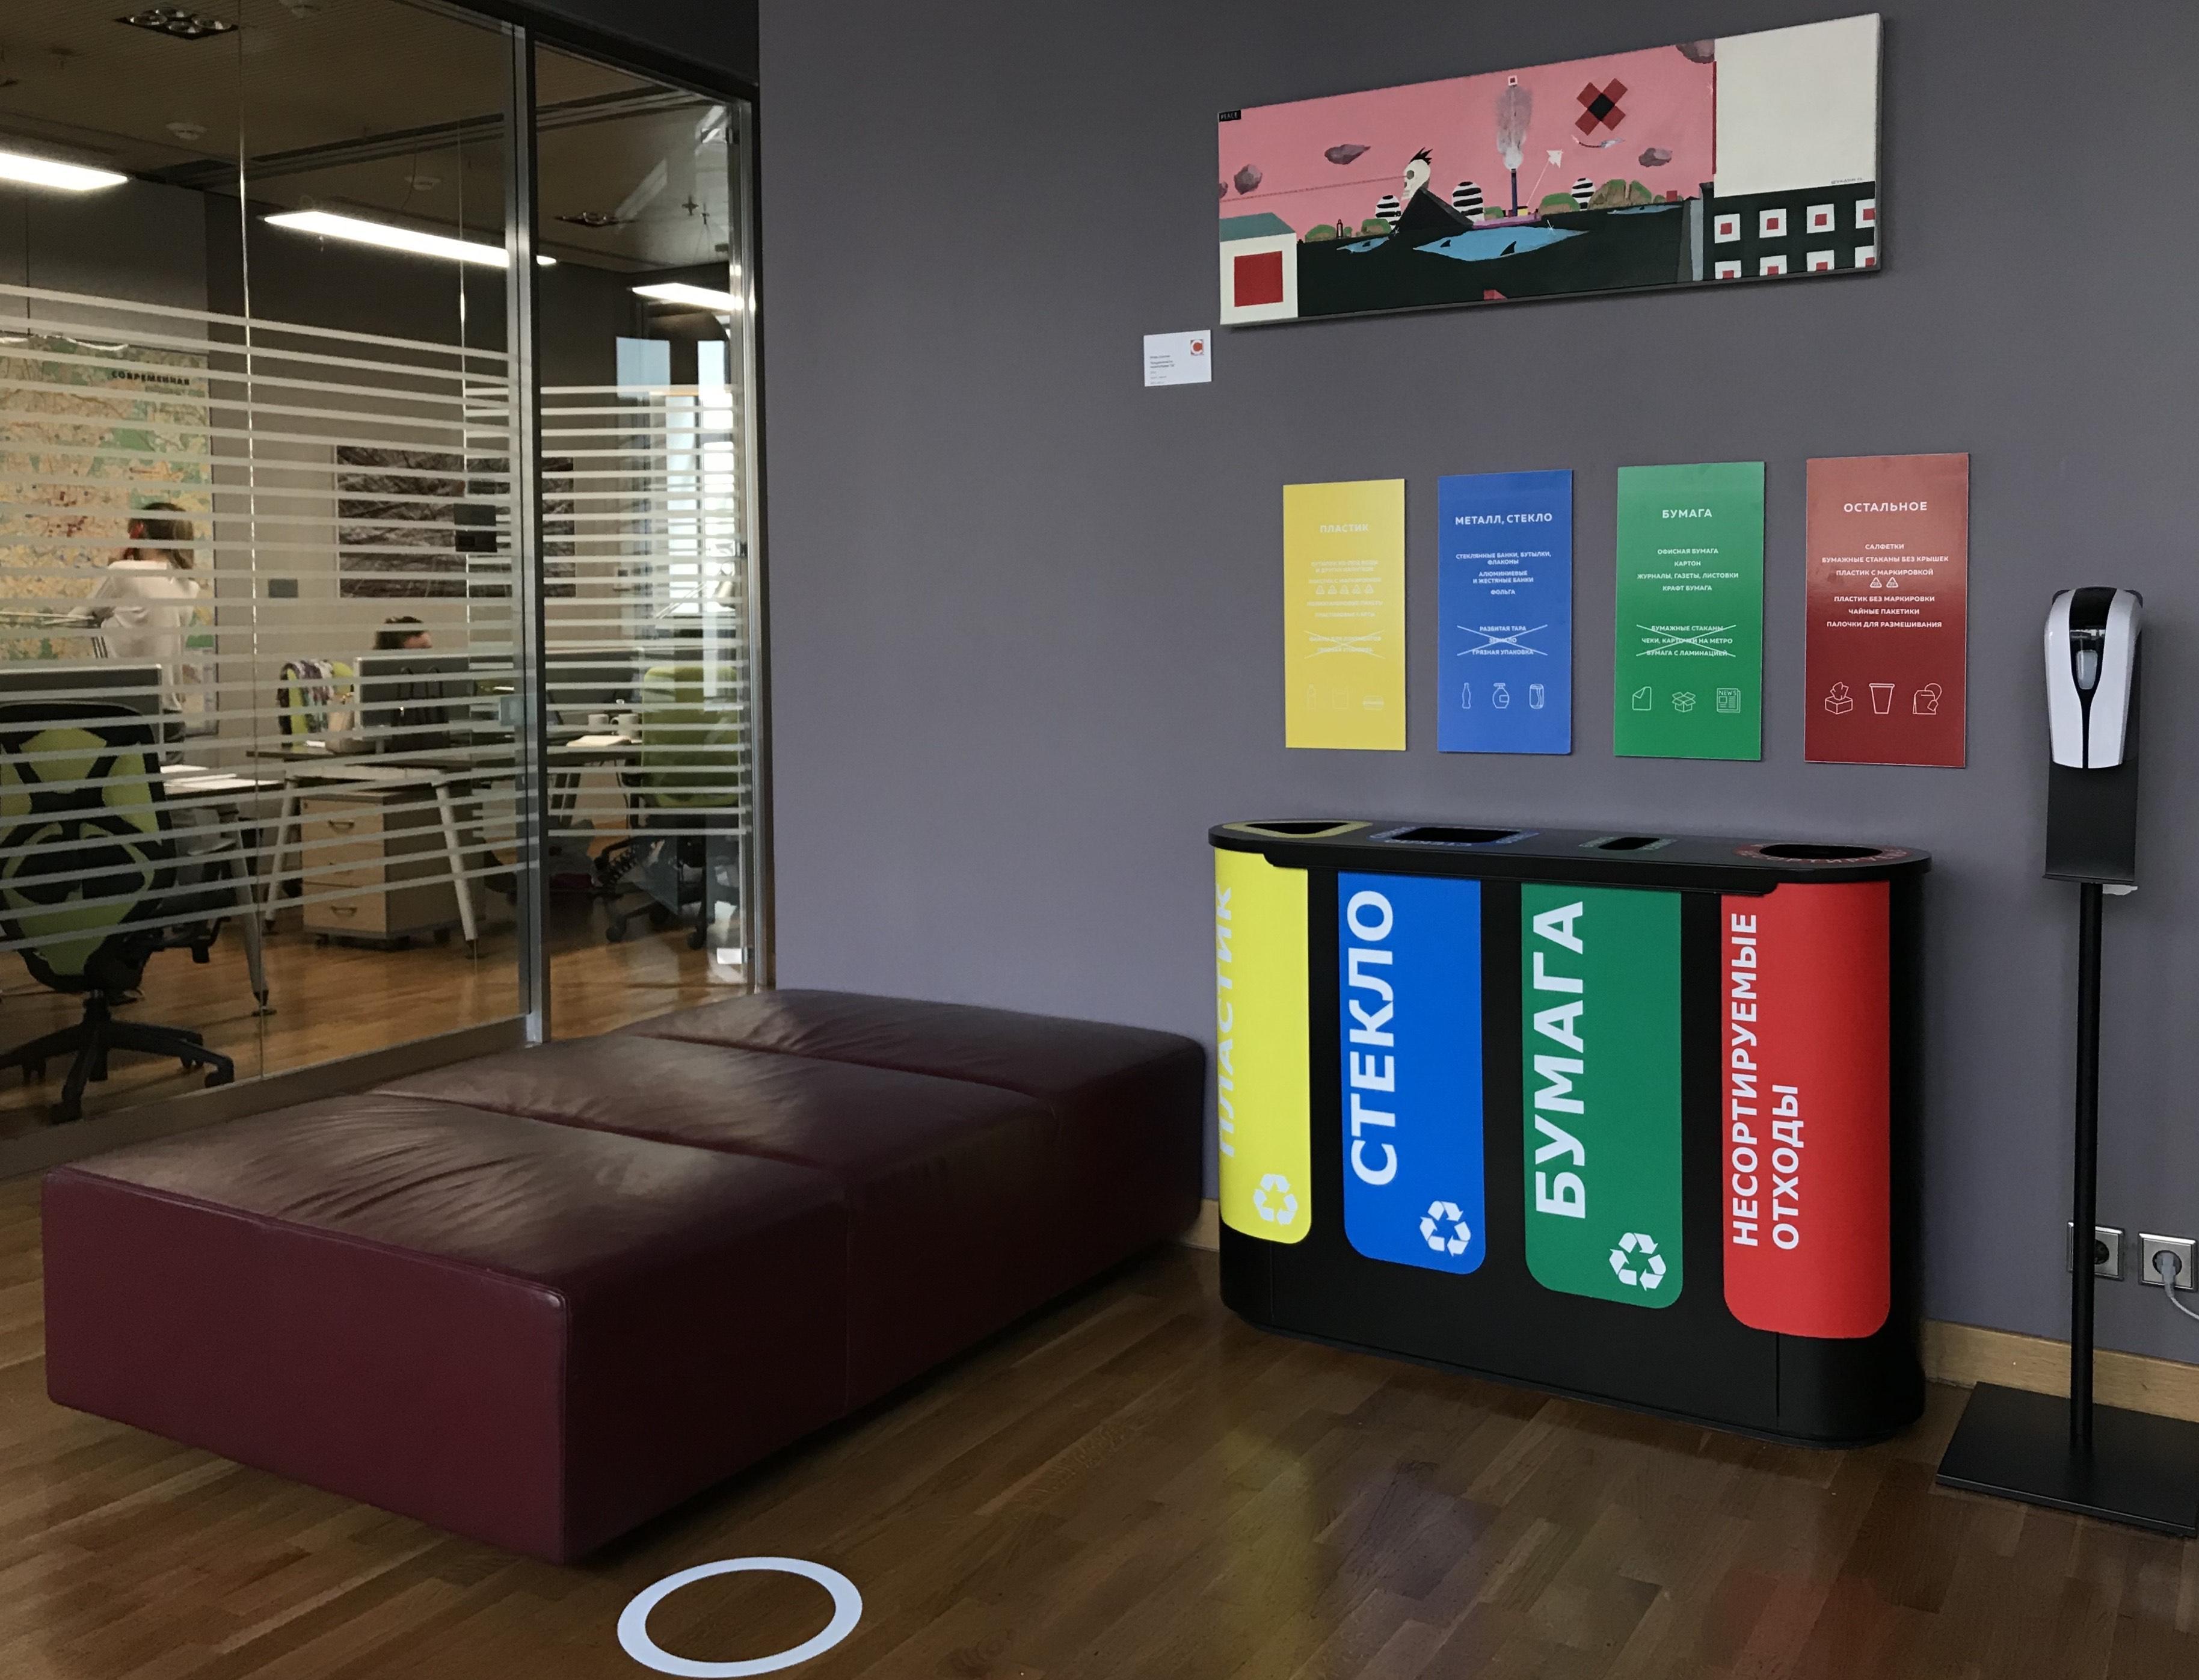 Как дизайн может улучшить систему раздельного сбора отходов